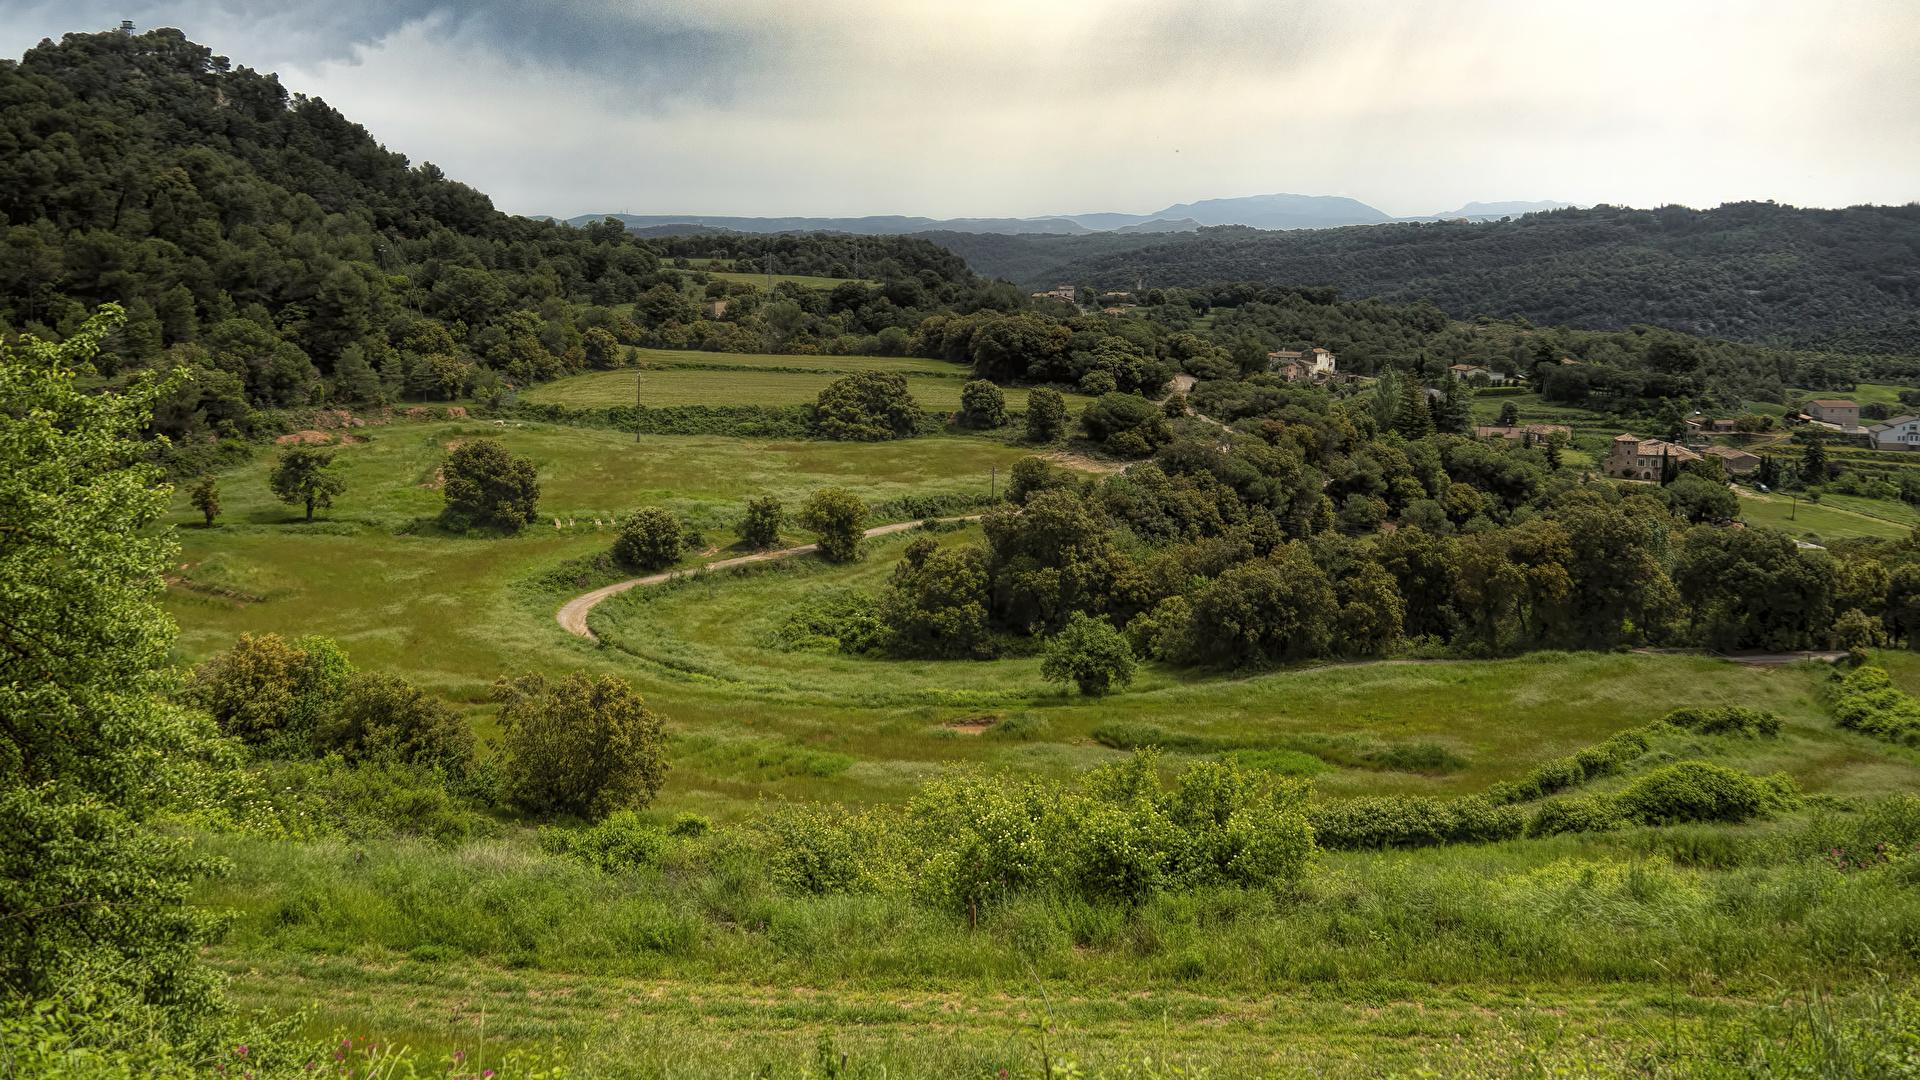 Фотография Испания Granera Catalonia Природа Леса Луга Трава Здания 1920x1080 лес траве Дома